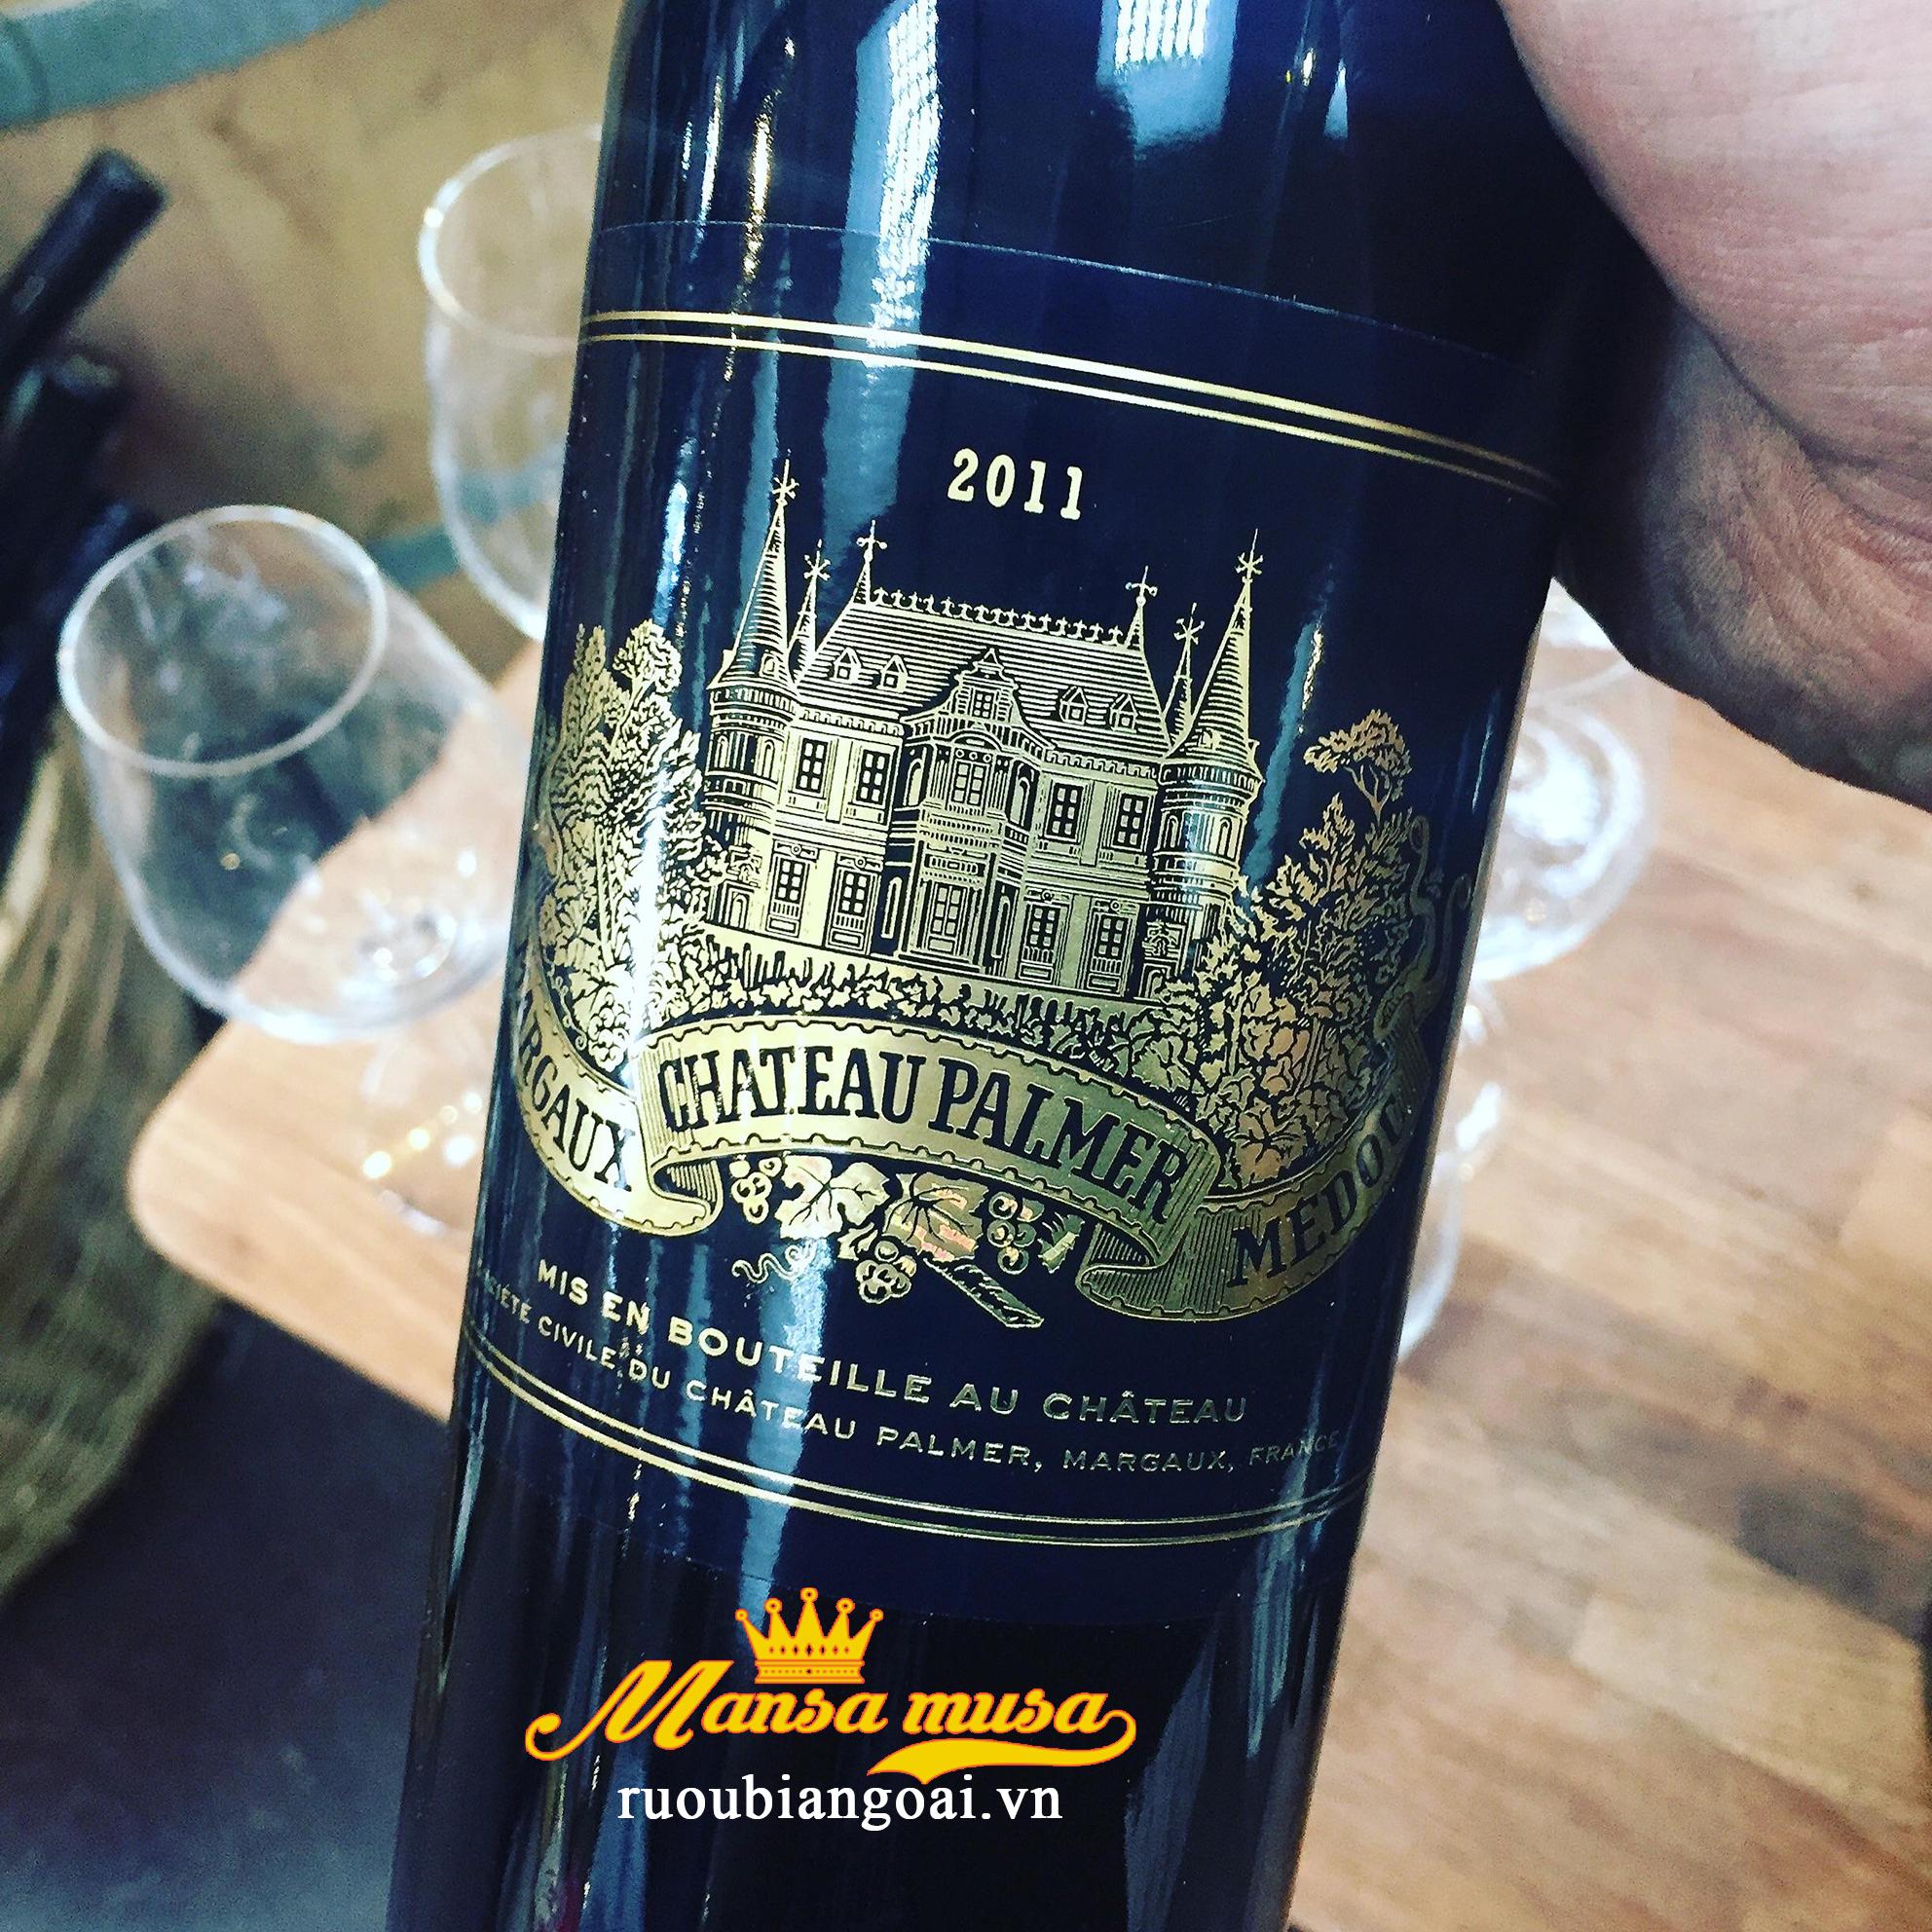 Rượu vang Pháp Chateau Palmer 2011